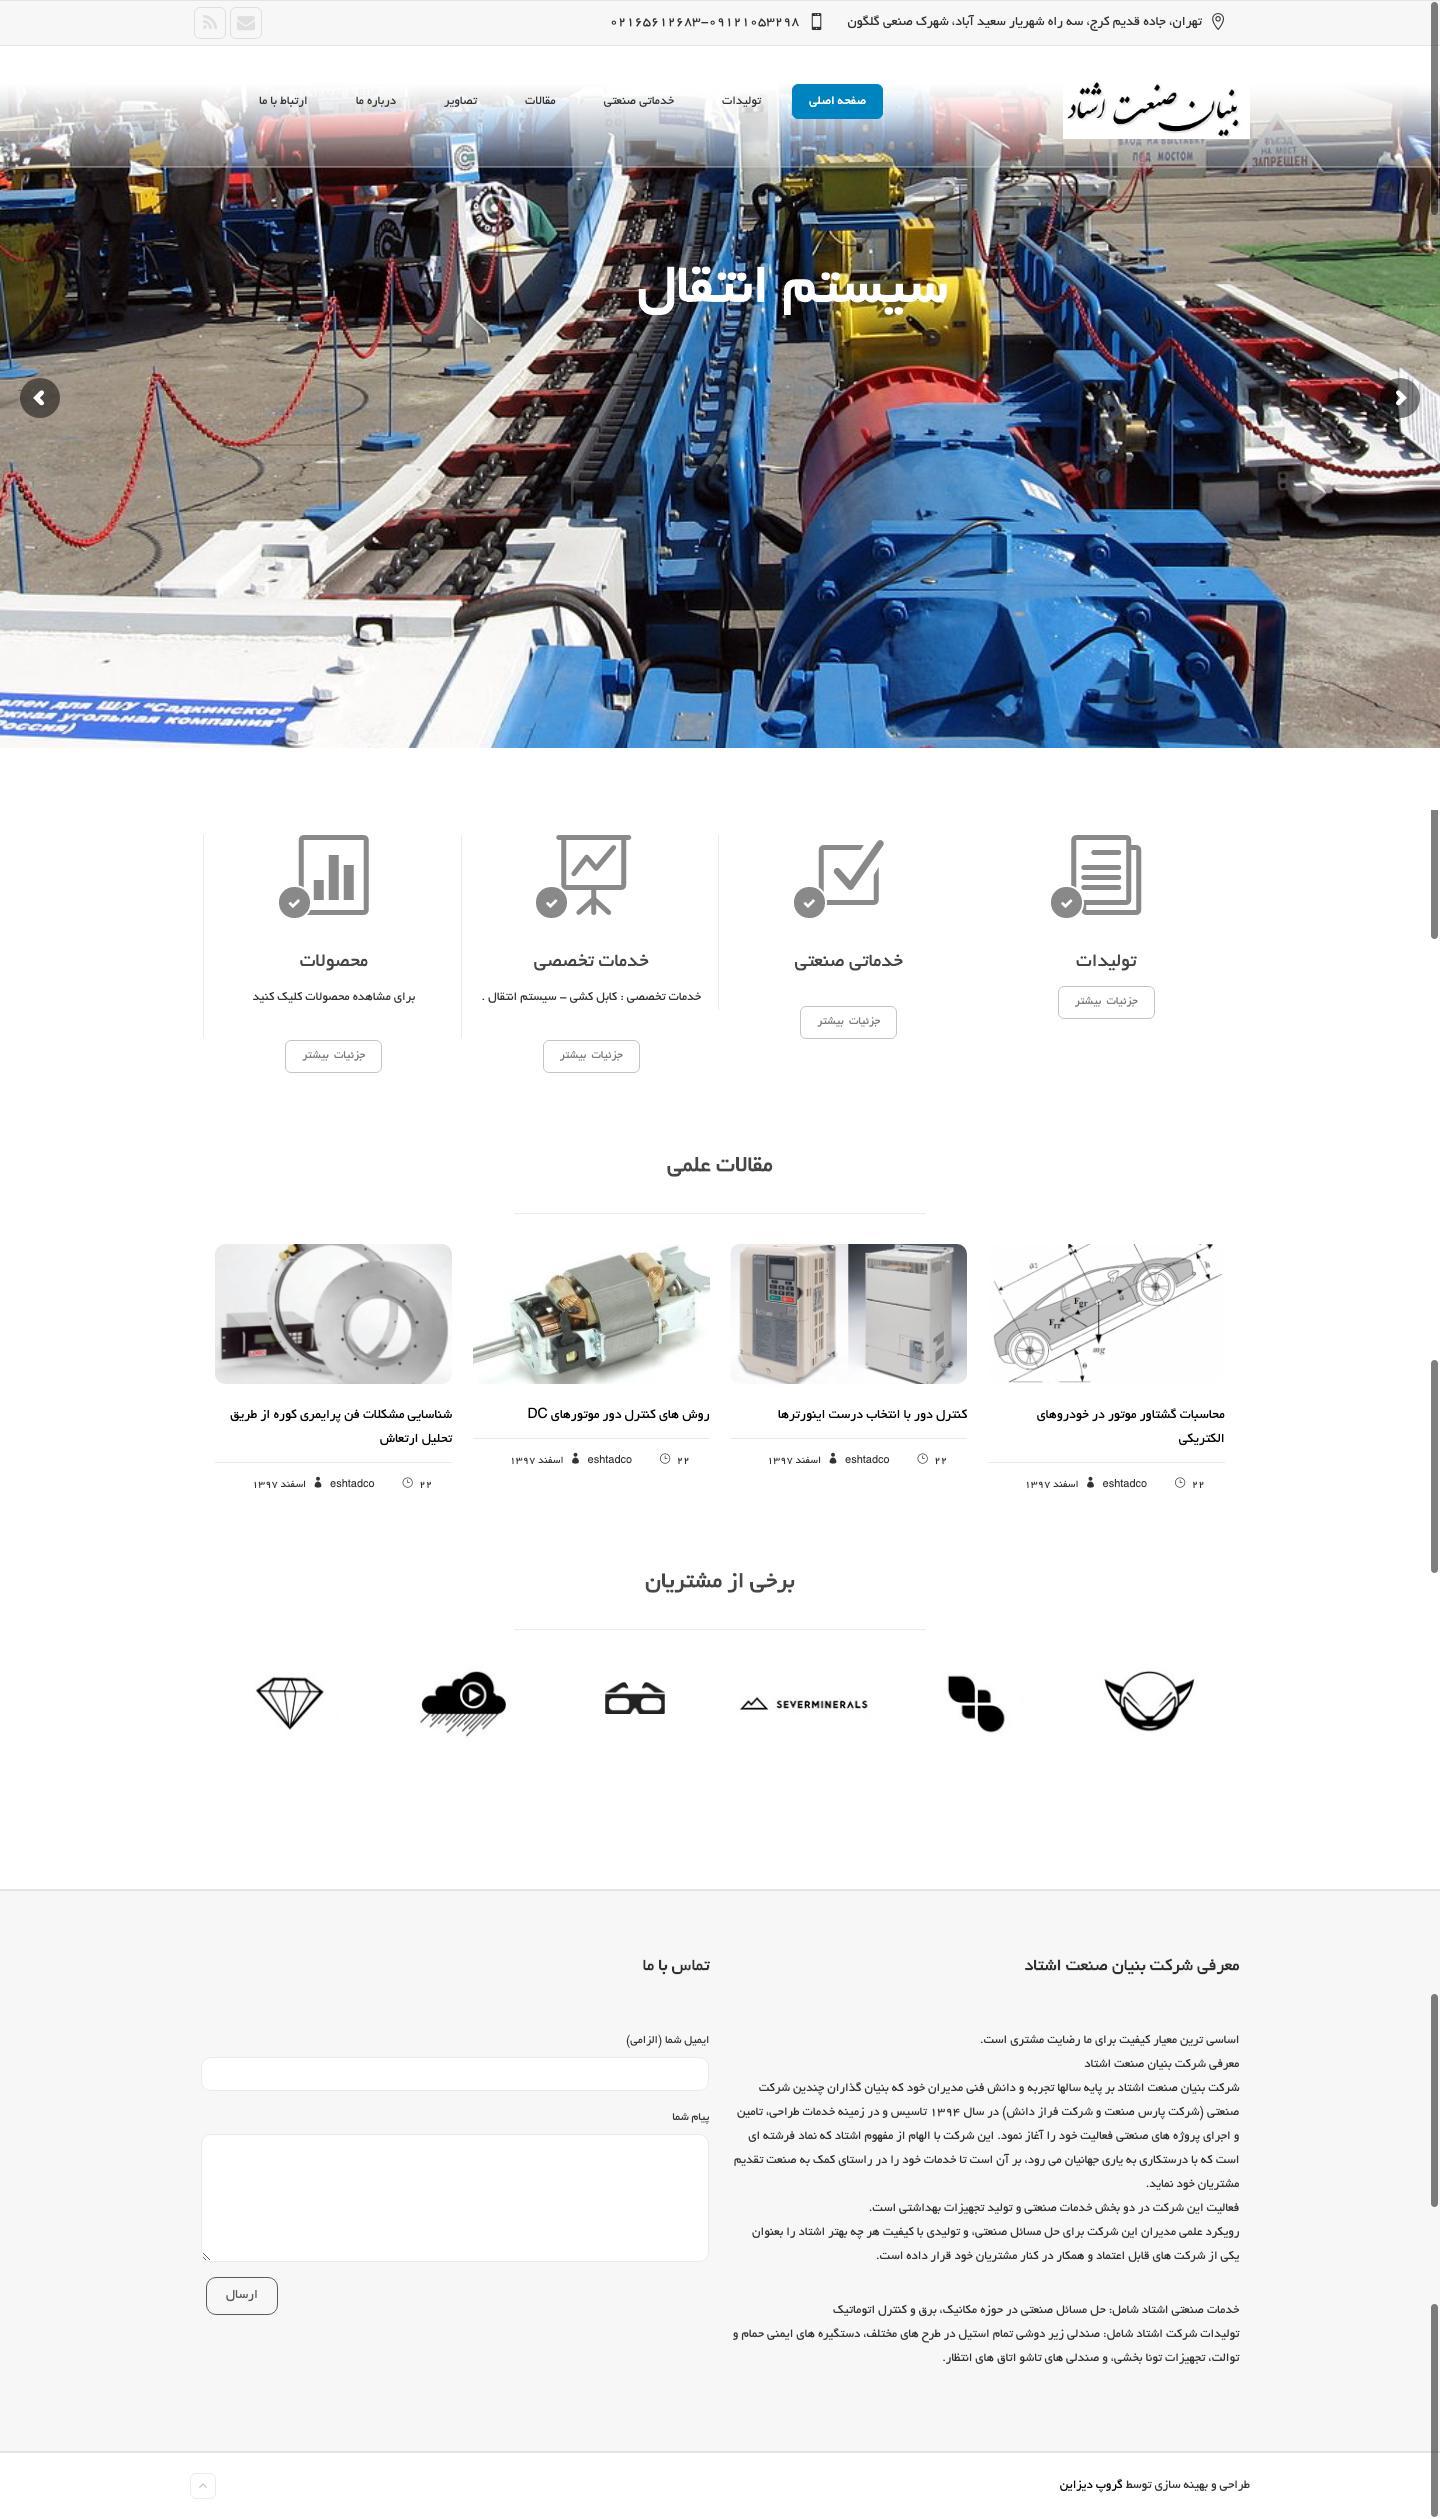 طراحی سایت شرکت اشتاد